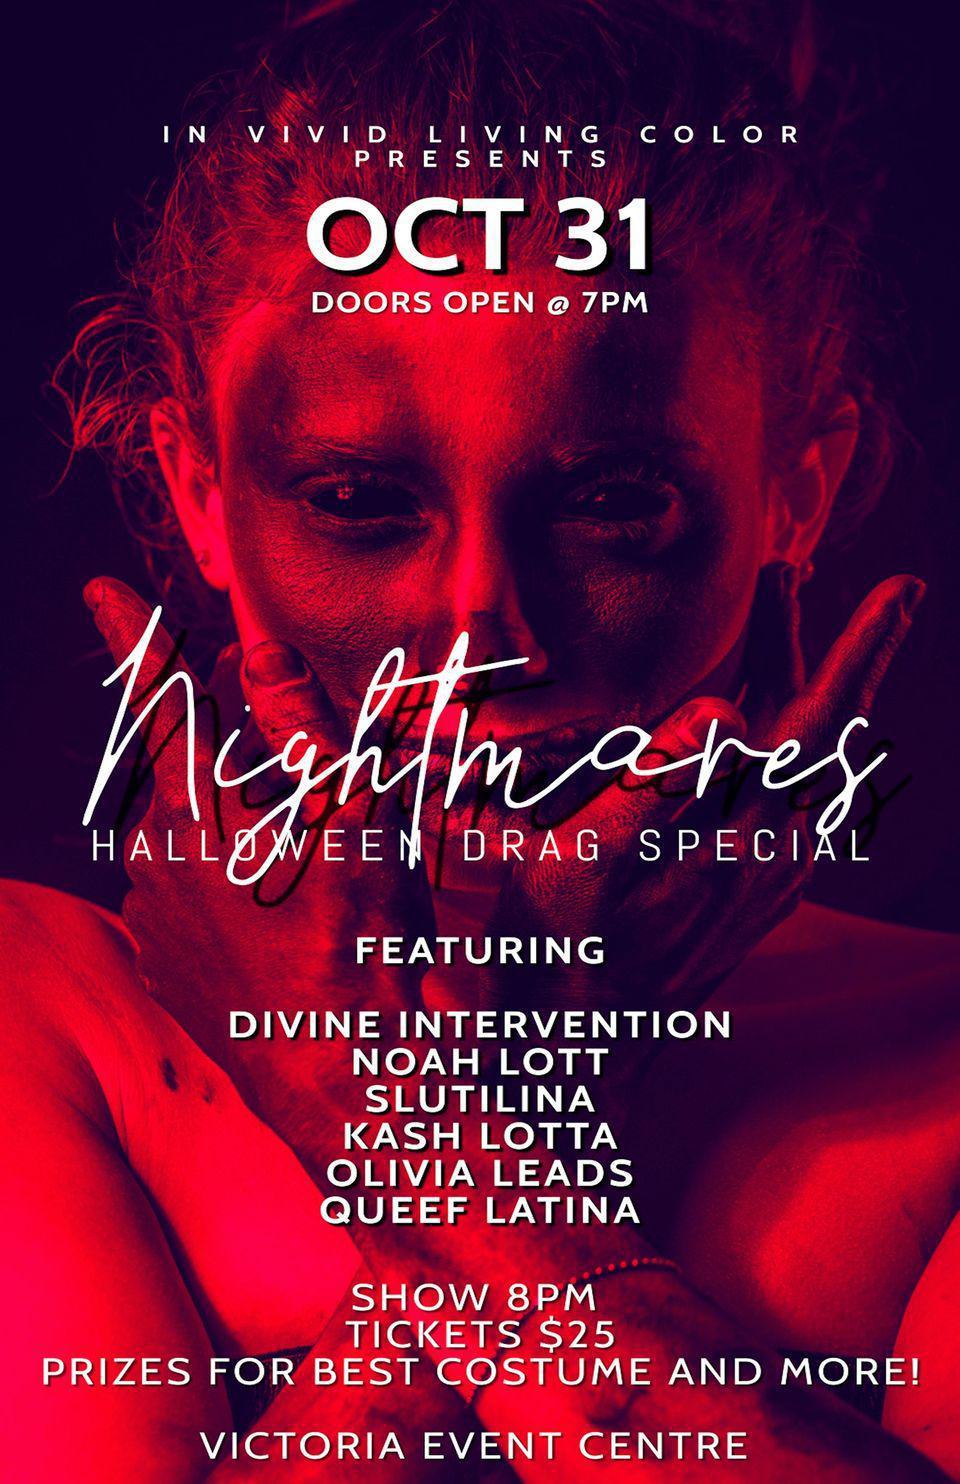 Nightmares | Halloween Drag Special